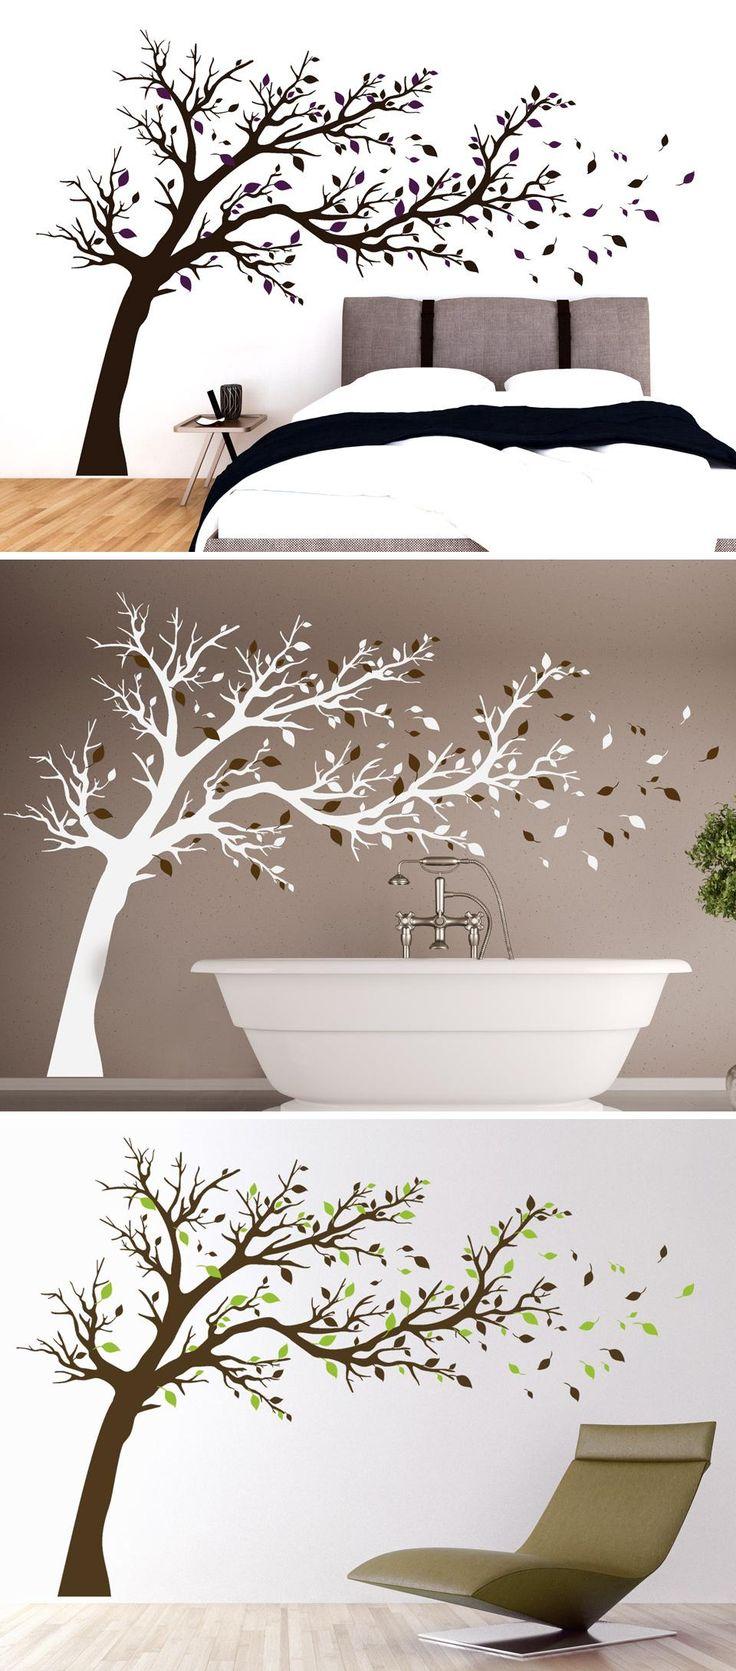 Wandtattoo Breiter Baum von Wandtattoo.com